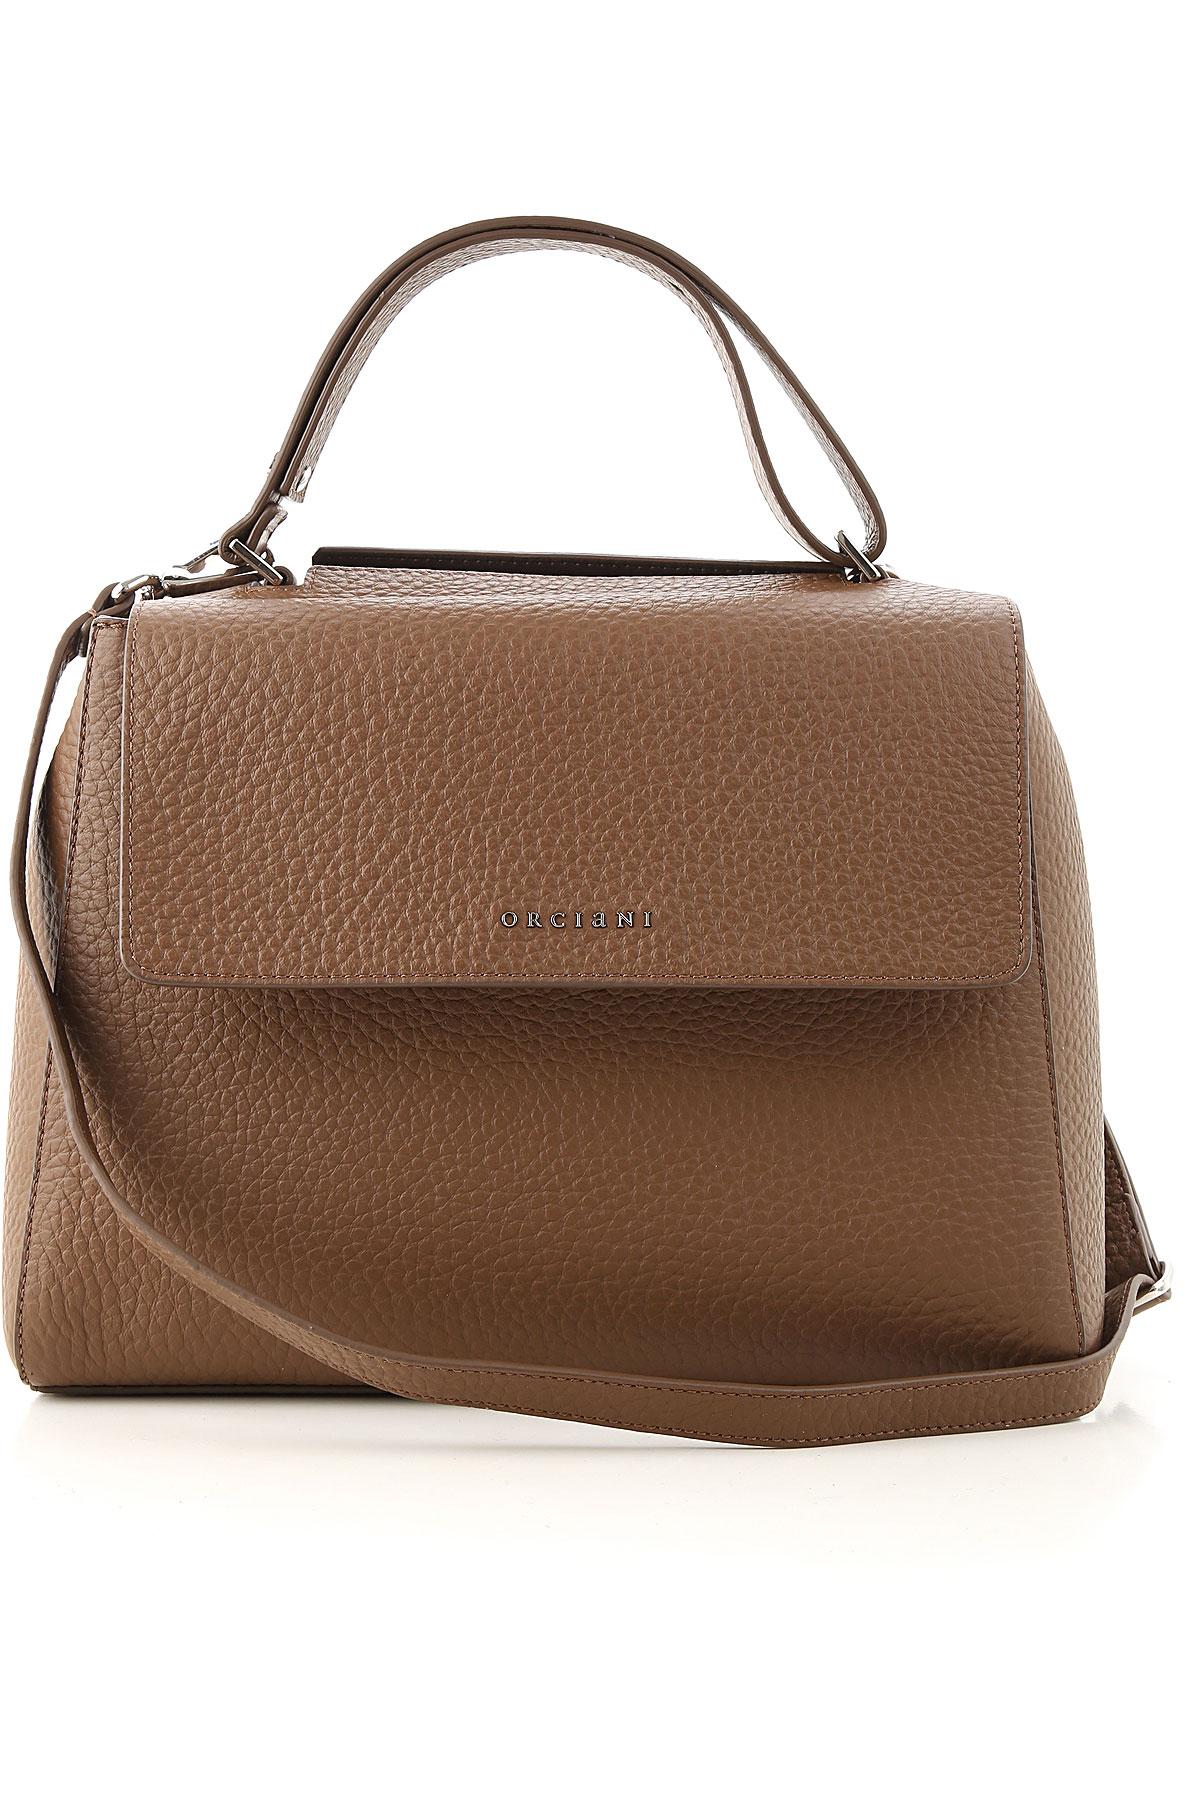 Orciani Shoulder Bag for Women On Sale, Caramel, Leather, 2019